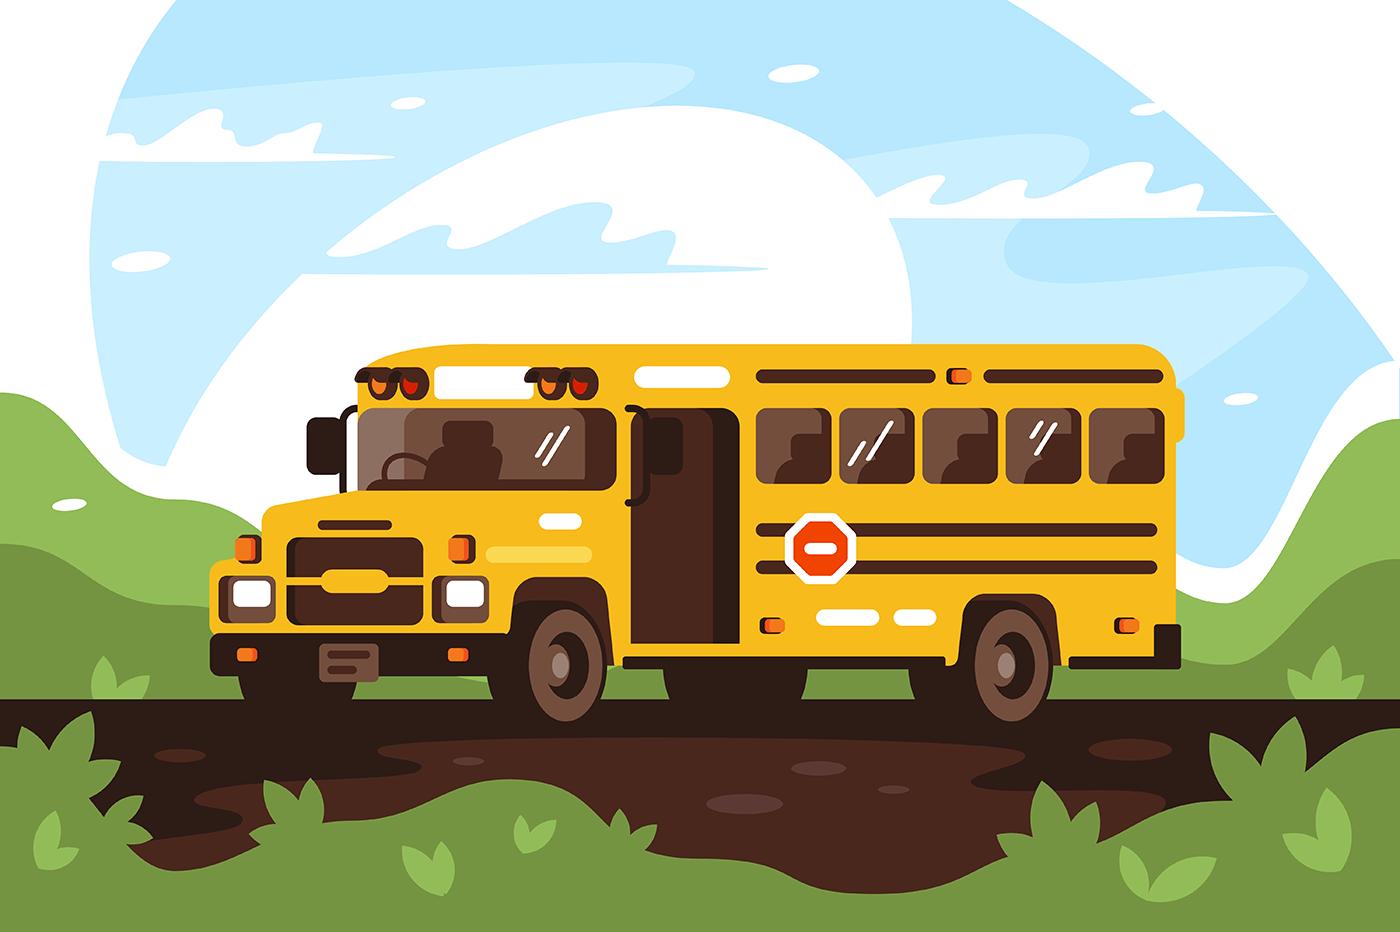 Empty school bus on trip, excursion.